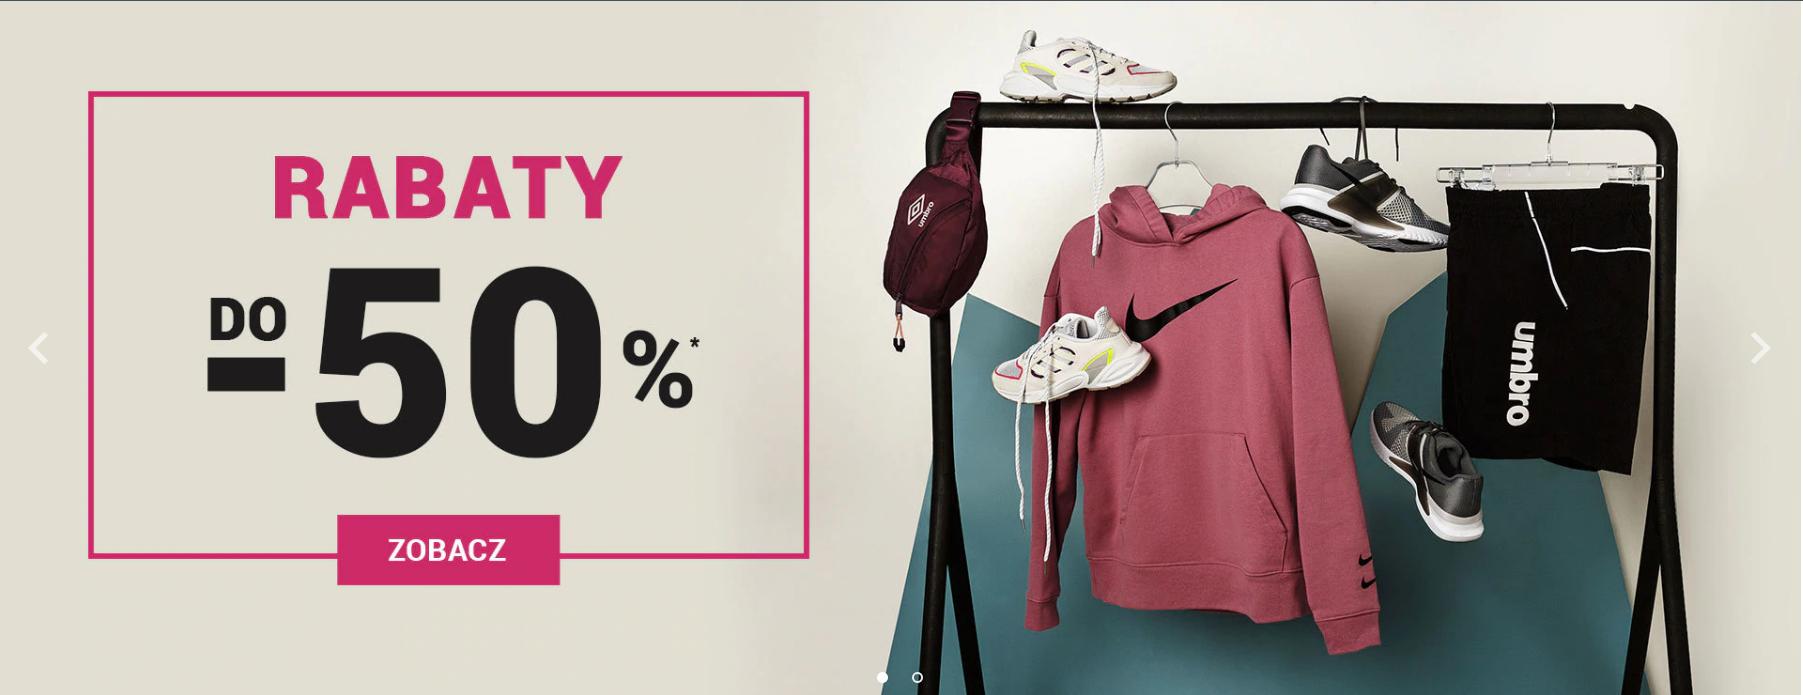 ButySportowe.pl: wyprzedaż do 50% rabatu na sneakersy, odzież i akcesoria Nike, Adidas, Converse, Vans, Puma, Reebok                         title=